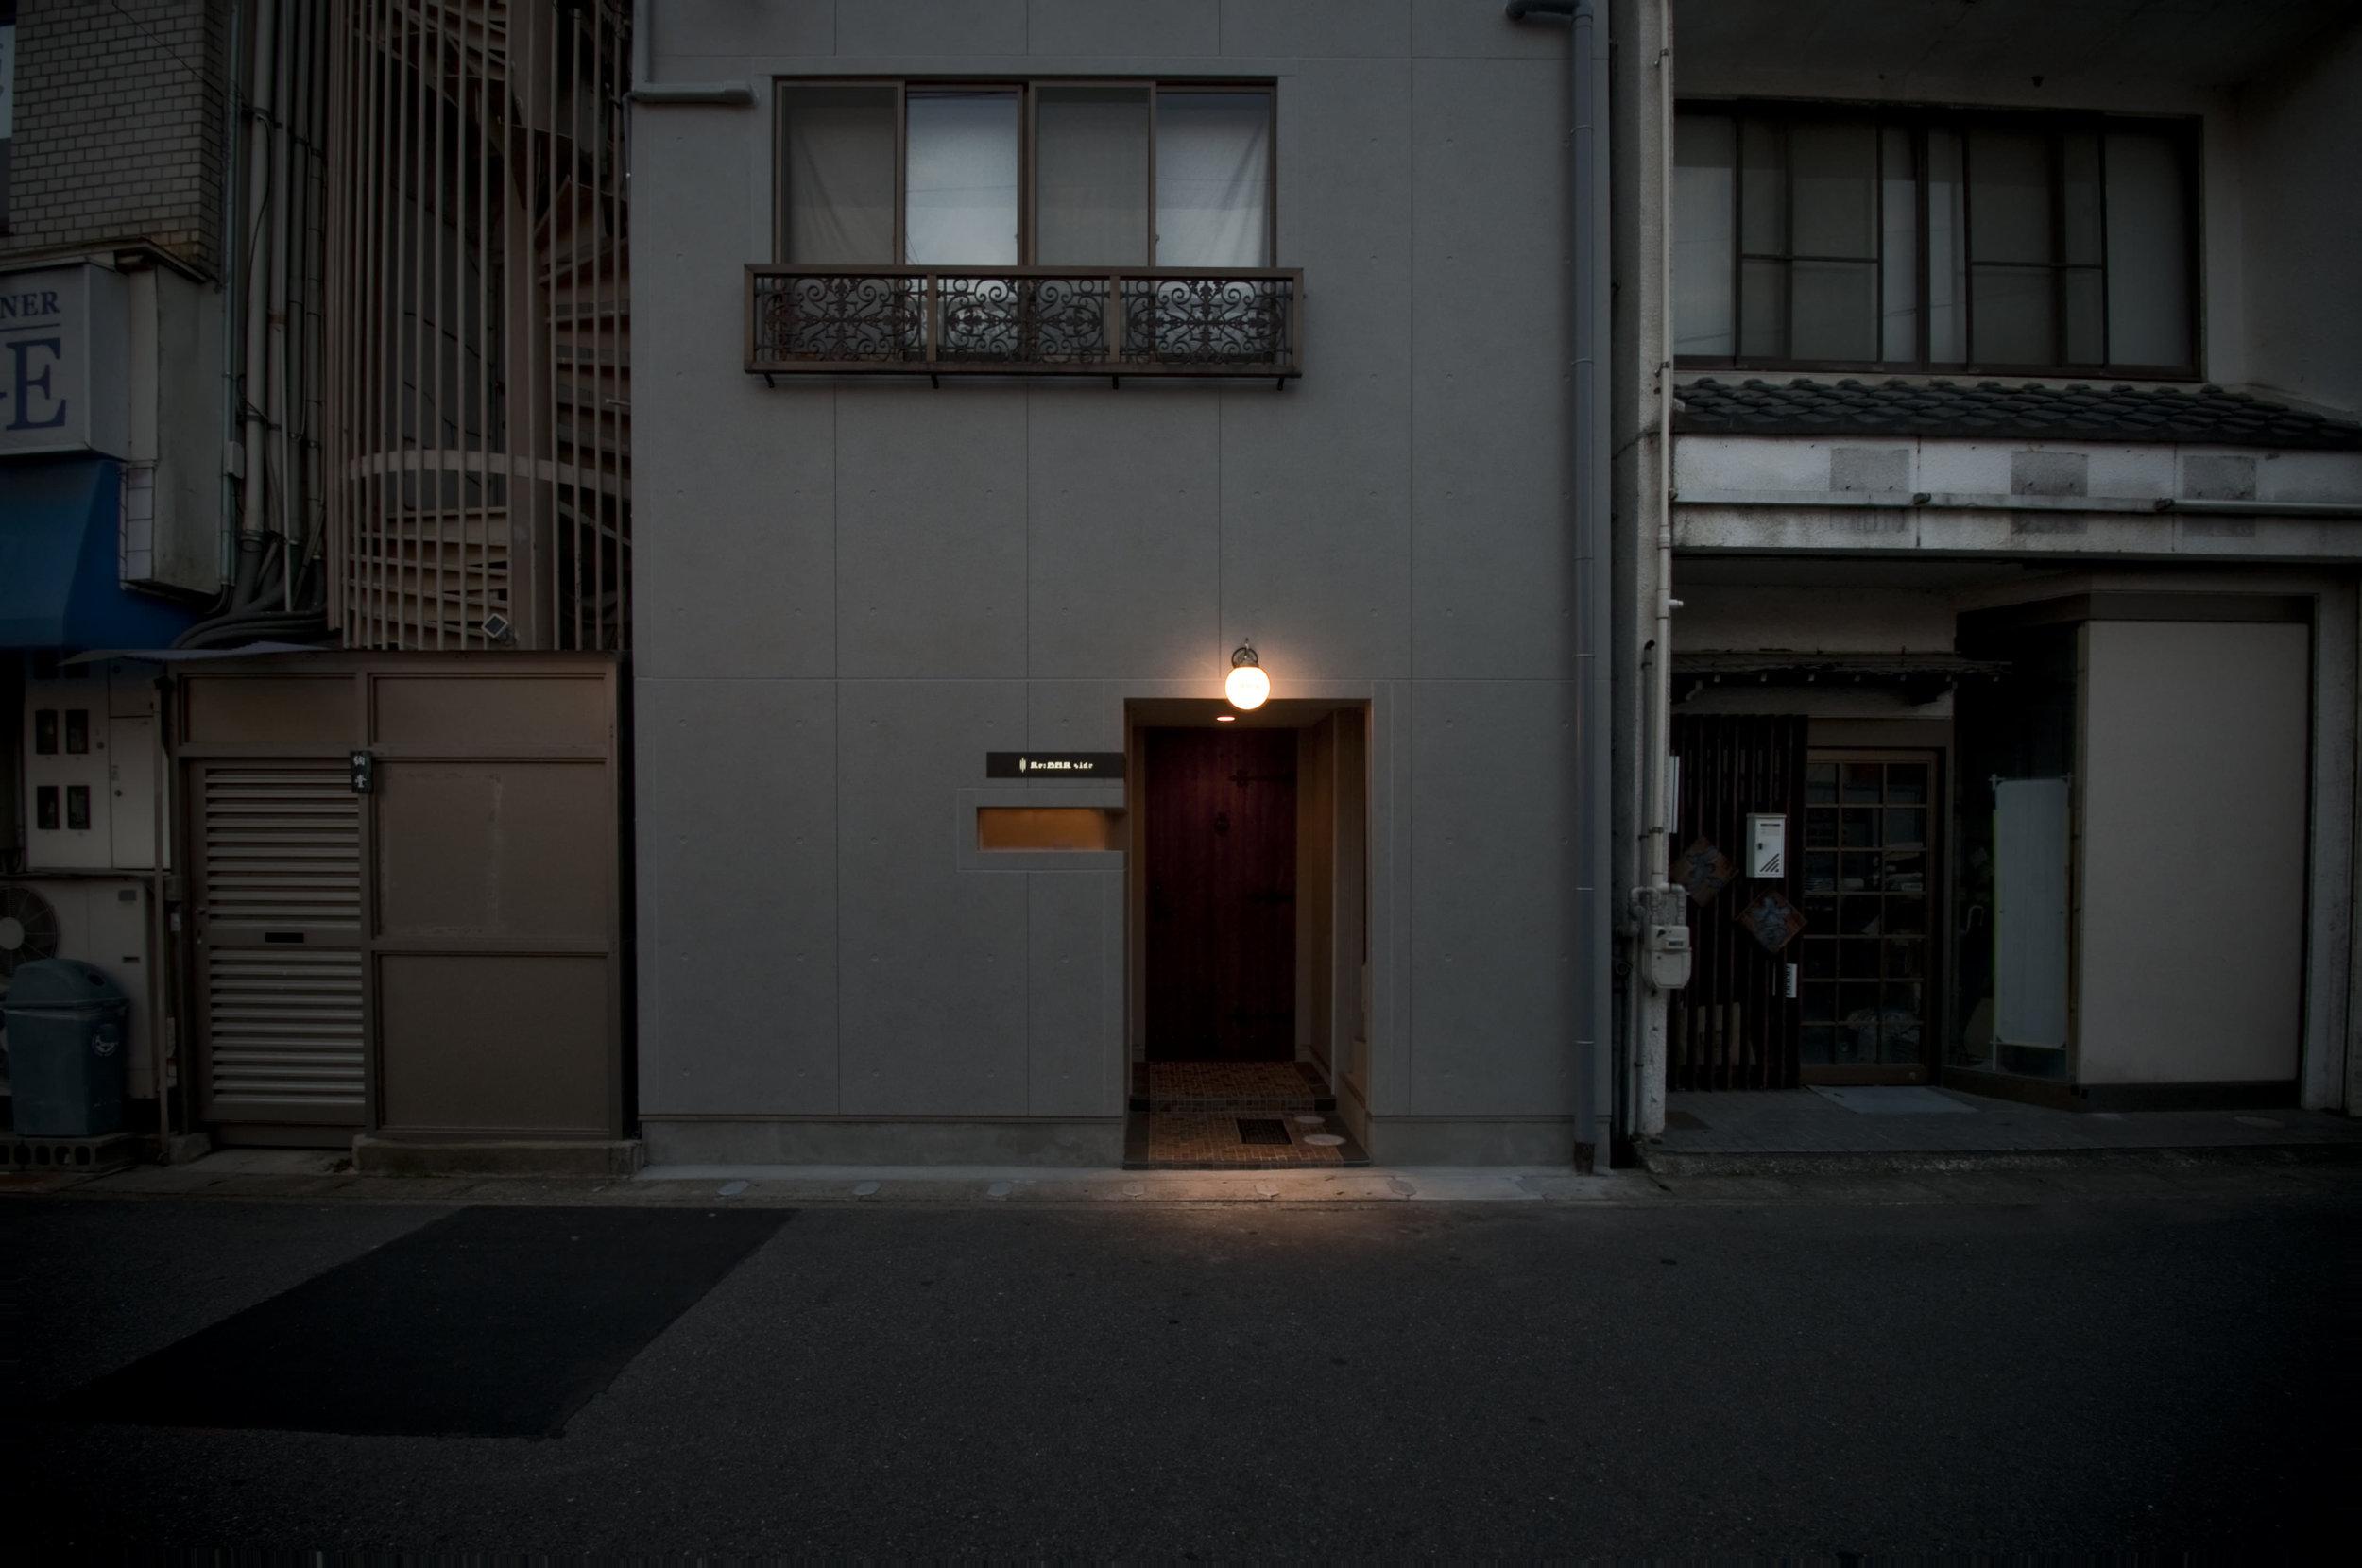 成正建装 愛知県 犬山市 新築 リフォーム 古民家再生 家づくり2.jpg